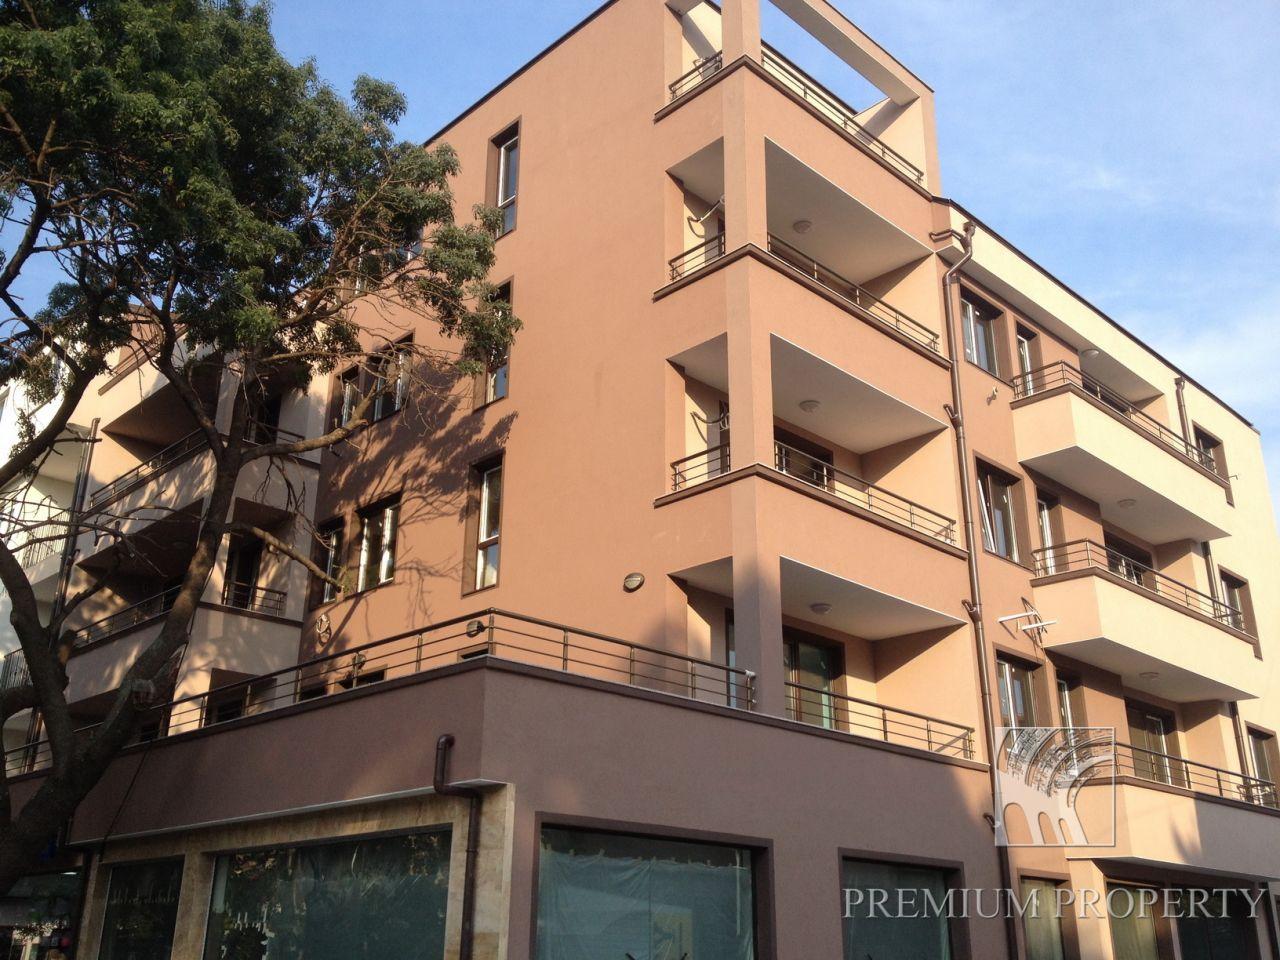 Апартаменты в Сарафово, Болгария, 58.69 м2 - фото 1